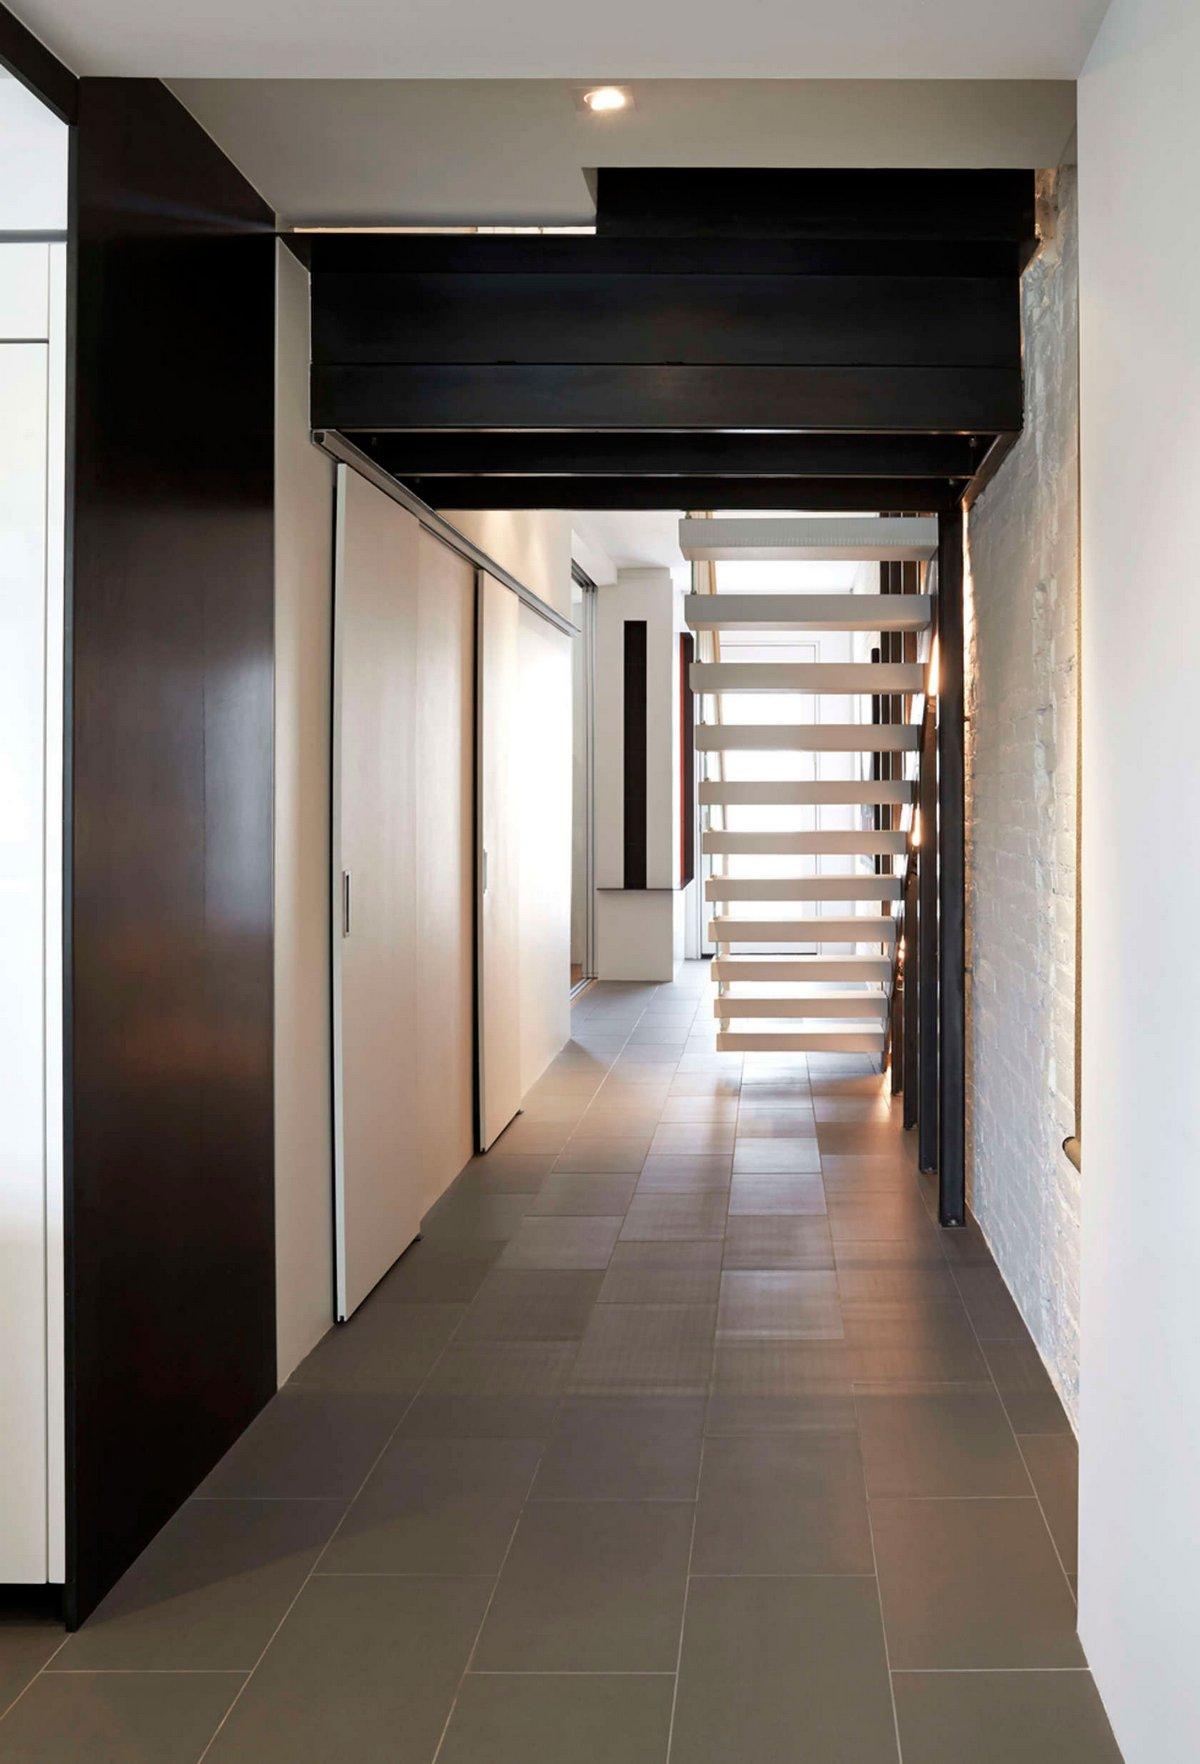 KUBE Architecture, яркие цвета дизайны интерьера, гостиная дизайн яркий интерьер, роскошные кухни фото, панорамное остекление в частном доме